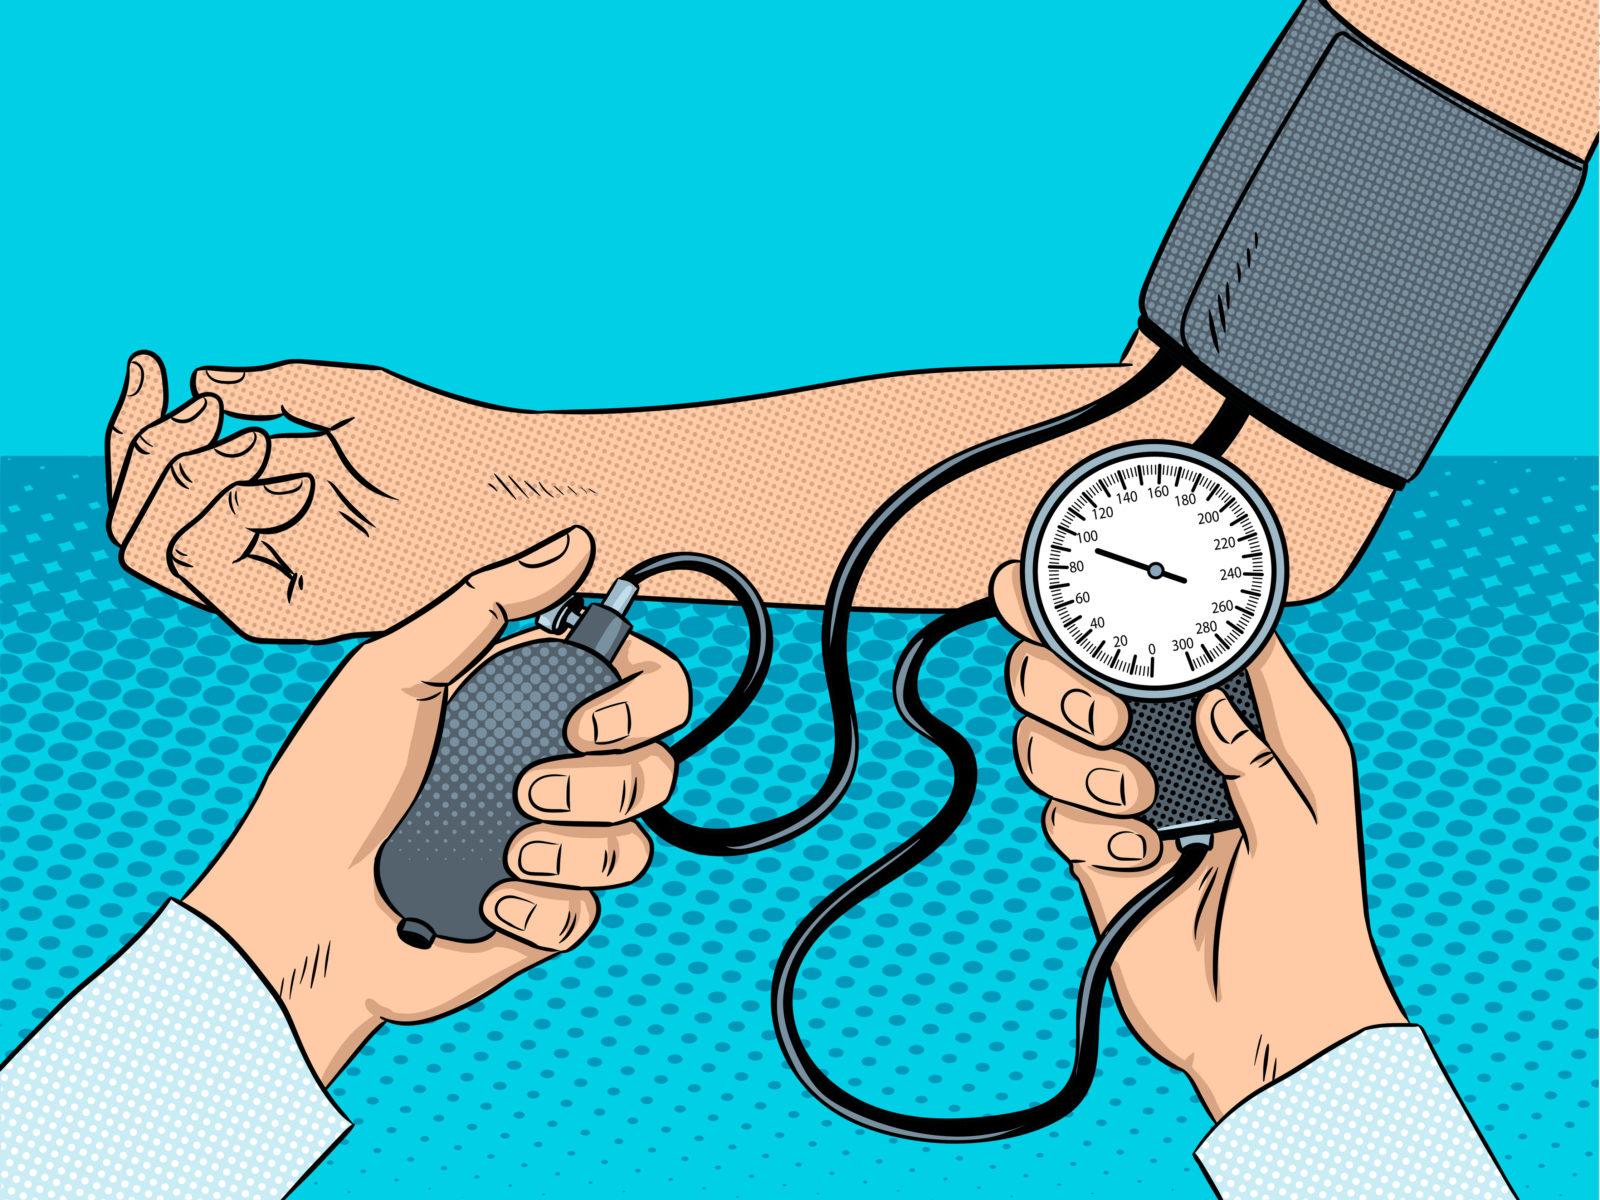 La tension artérielle, c'est quoi au juste ?